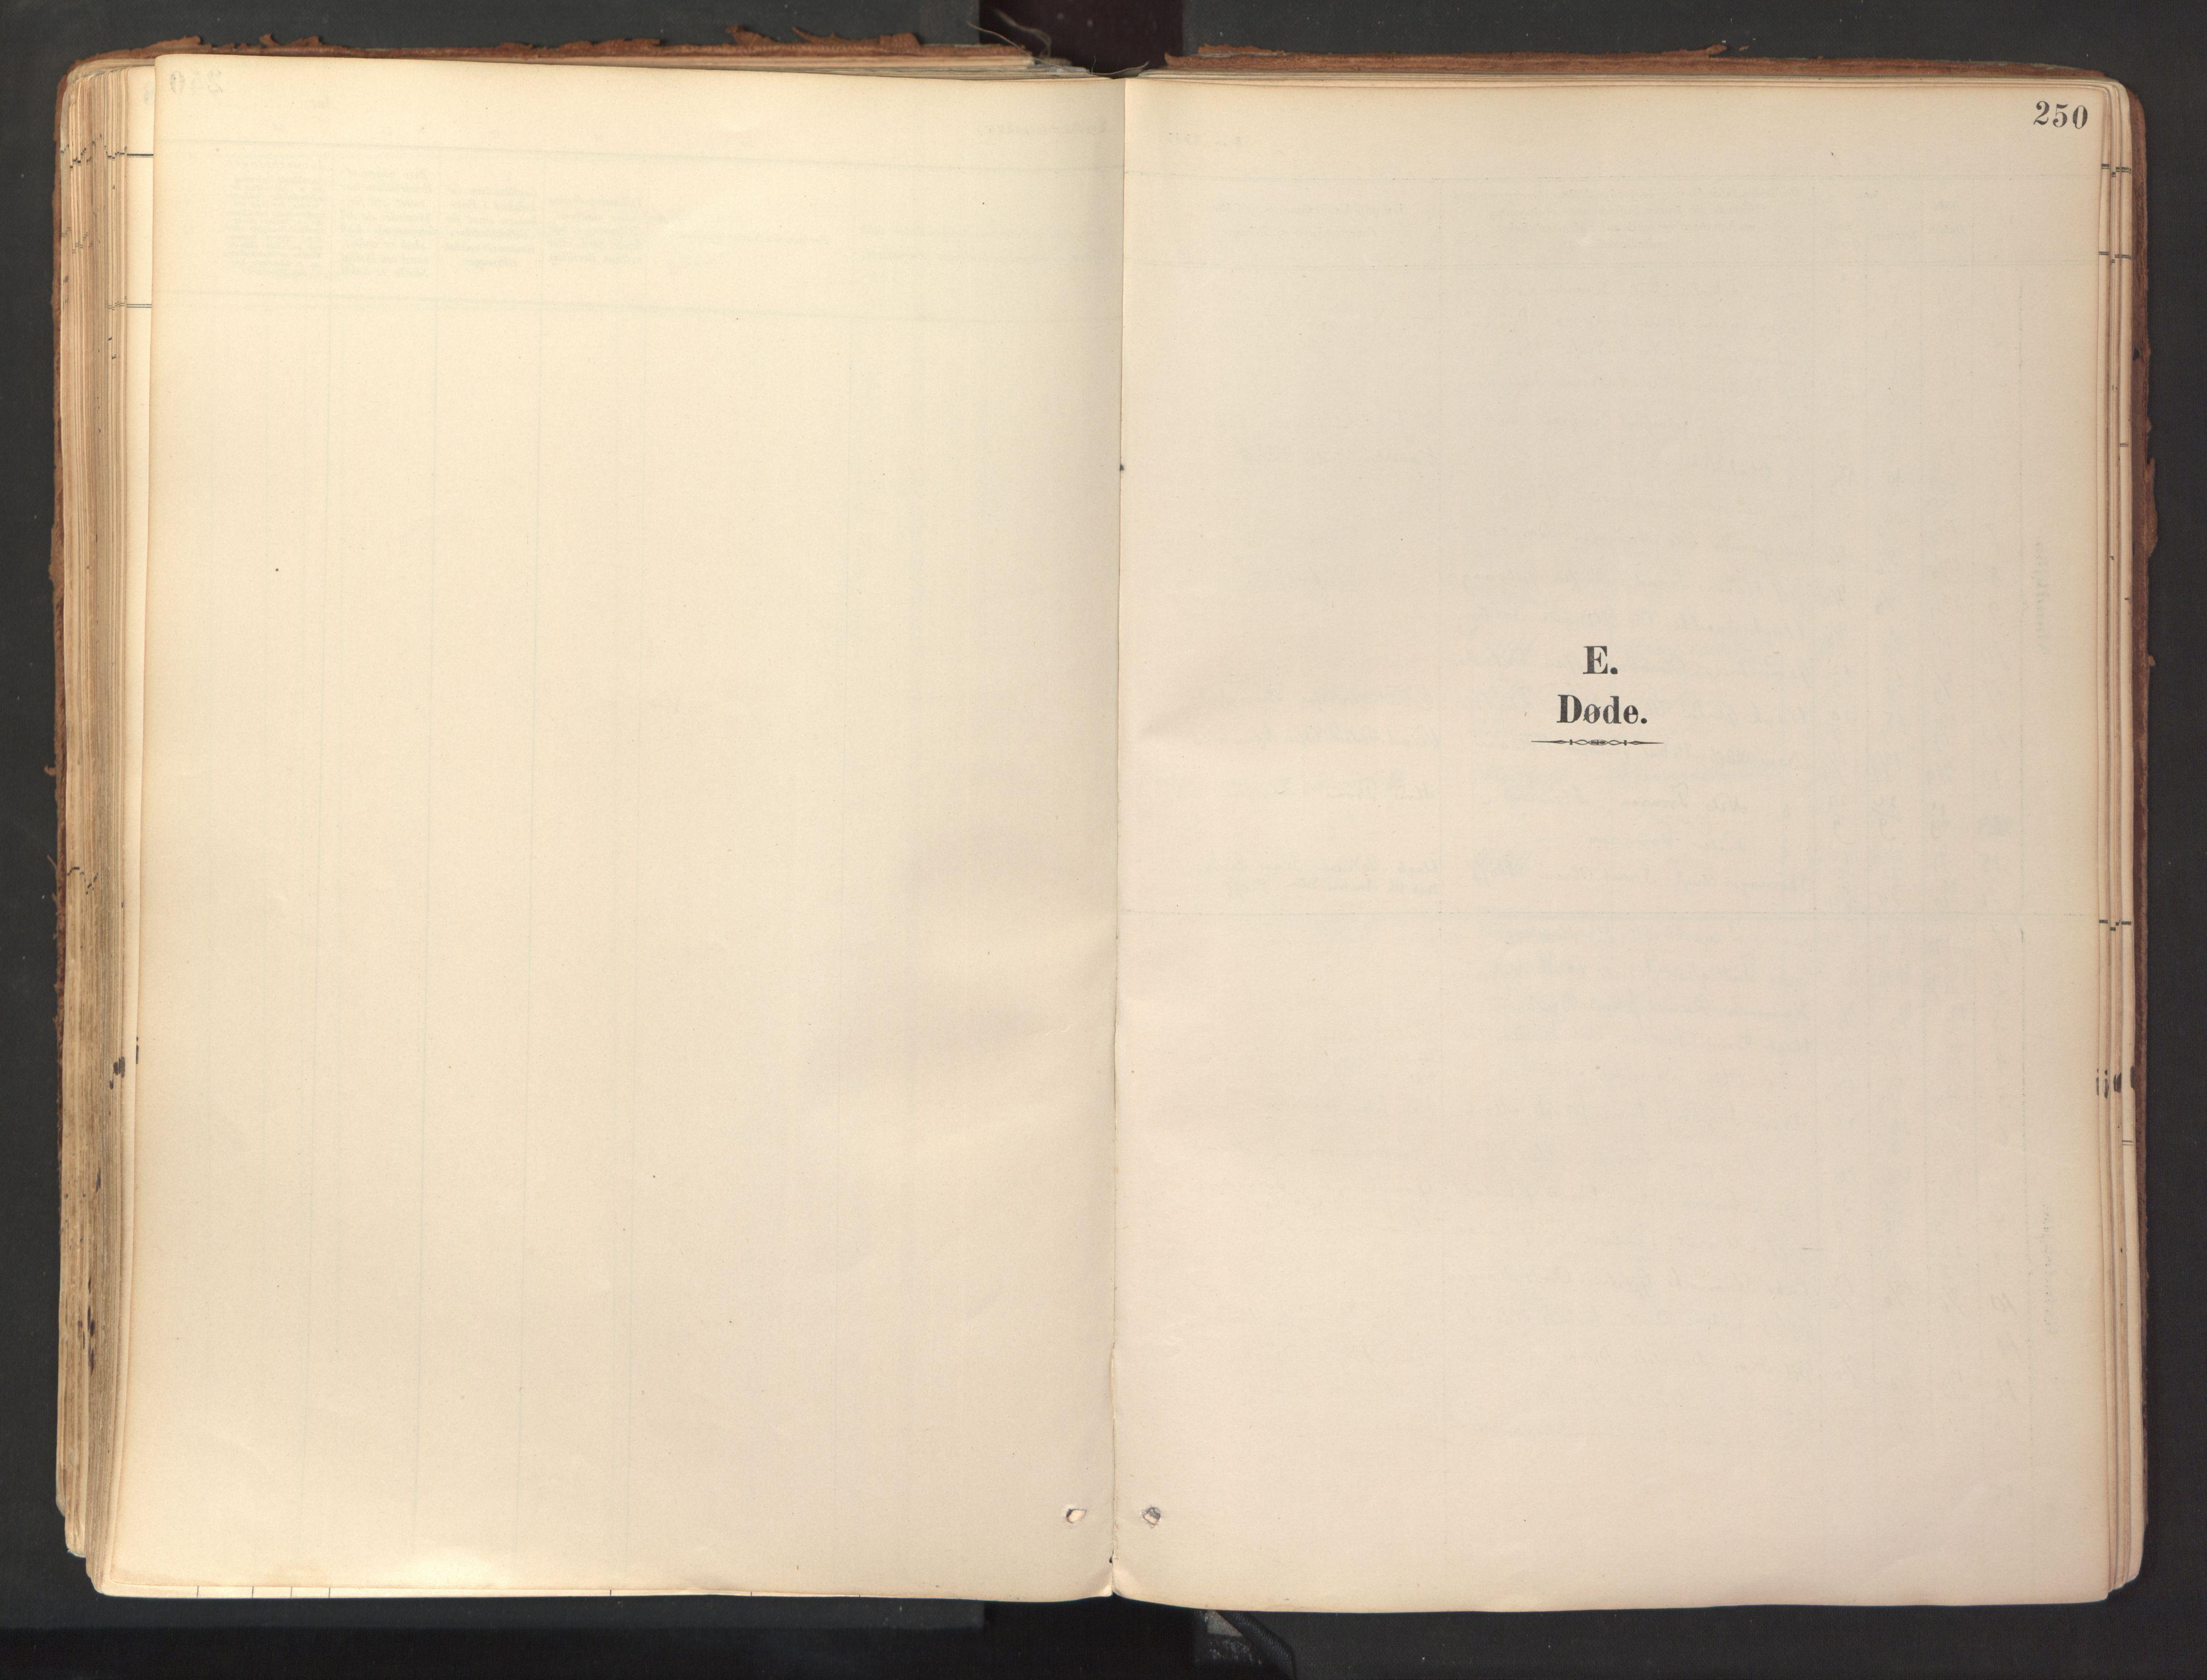 SAT, Ministerialprotokoller, klokkerbøker og fødselsregistre - Sør-Trøndelag, 689/L1041: Ministerialbok nr. 689A06, 1891-1923, s. 250